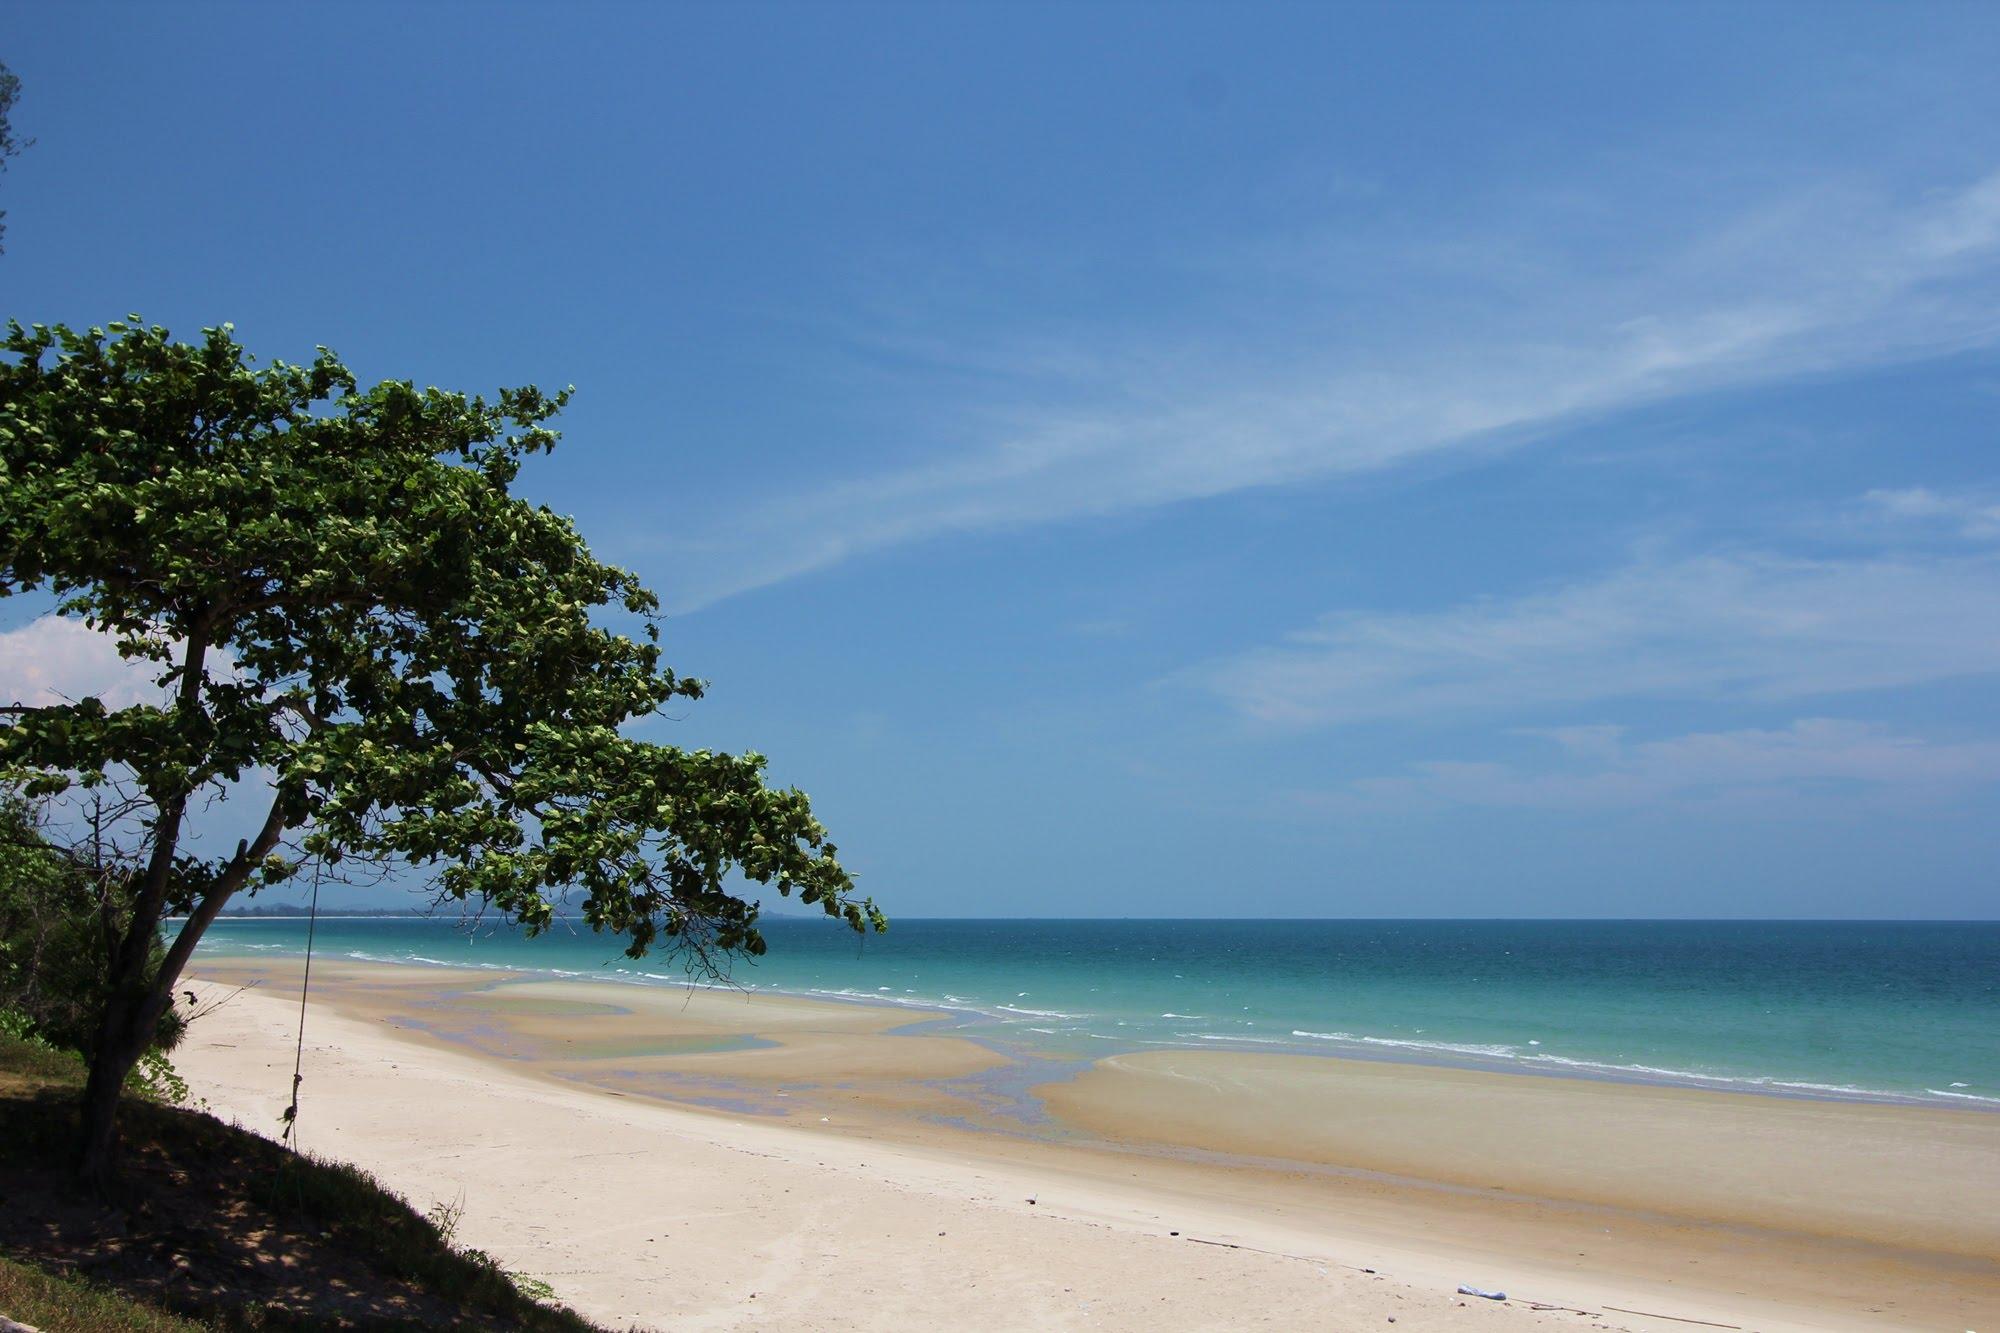 หาดแม่รำพึง เที่ยว ทะเลระยอง